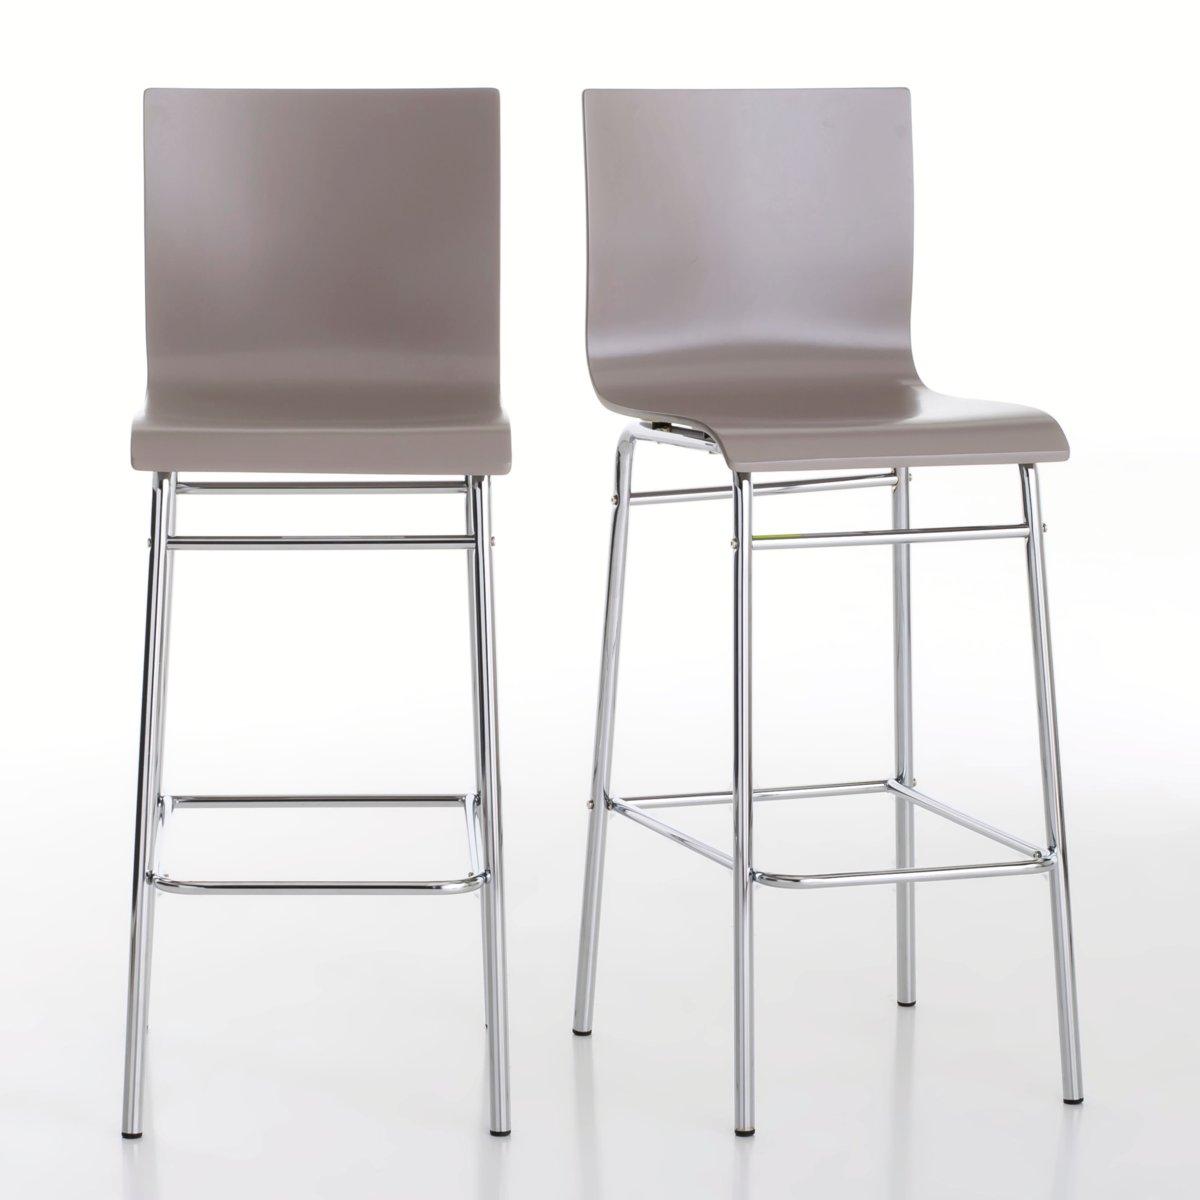 2 стула барных, JanikБарные стулья Janik на высоких ножках! 4 модных цвета, которые можно сочетать, для более яркого эффекта !Характеристики стульев Janik :Спинка и сиденье из фанеры, ПУ-лакировка .Ножки из хромированной стальной трубки .Стулья продаются по 2 шт одного цвета .Барные стулья Janikпродаются готовыми к сборке Найдите высокий стол Janik, а также всю коллекцию Janik на нашем сайте ..       Размеры высоких стульев Janik :Общие : Ширина : 42 см.Высота : 110 см.Глубина : 50 см.Сиденье : Выс 75 см<br><br>Цвет: серо-коричневый каштан<br>Размер: комплект из 2